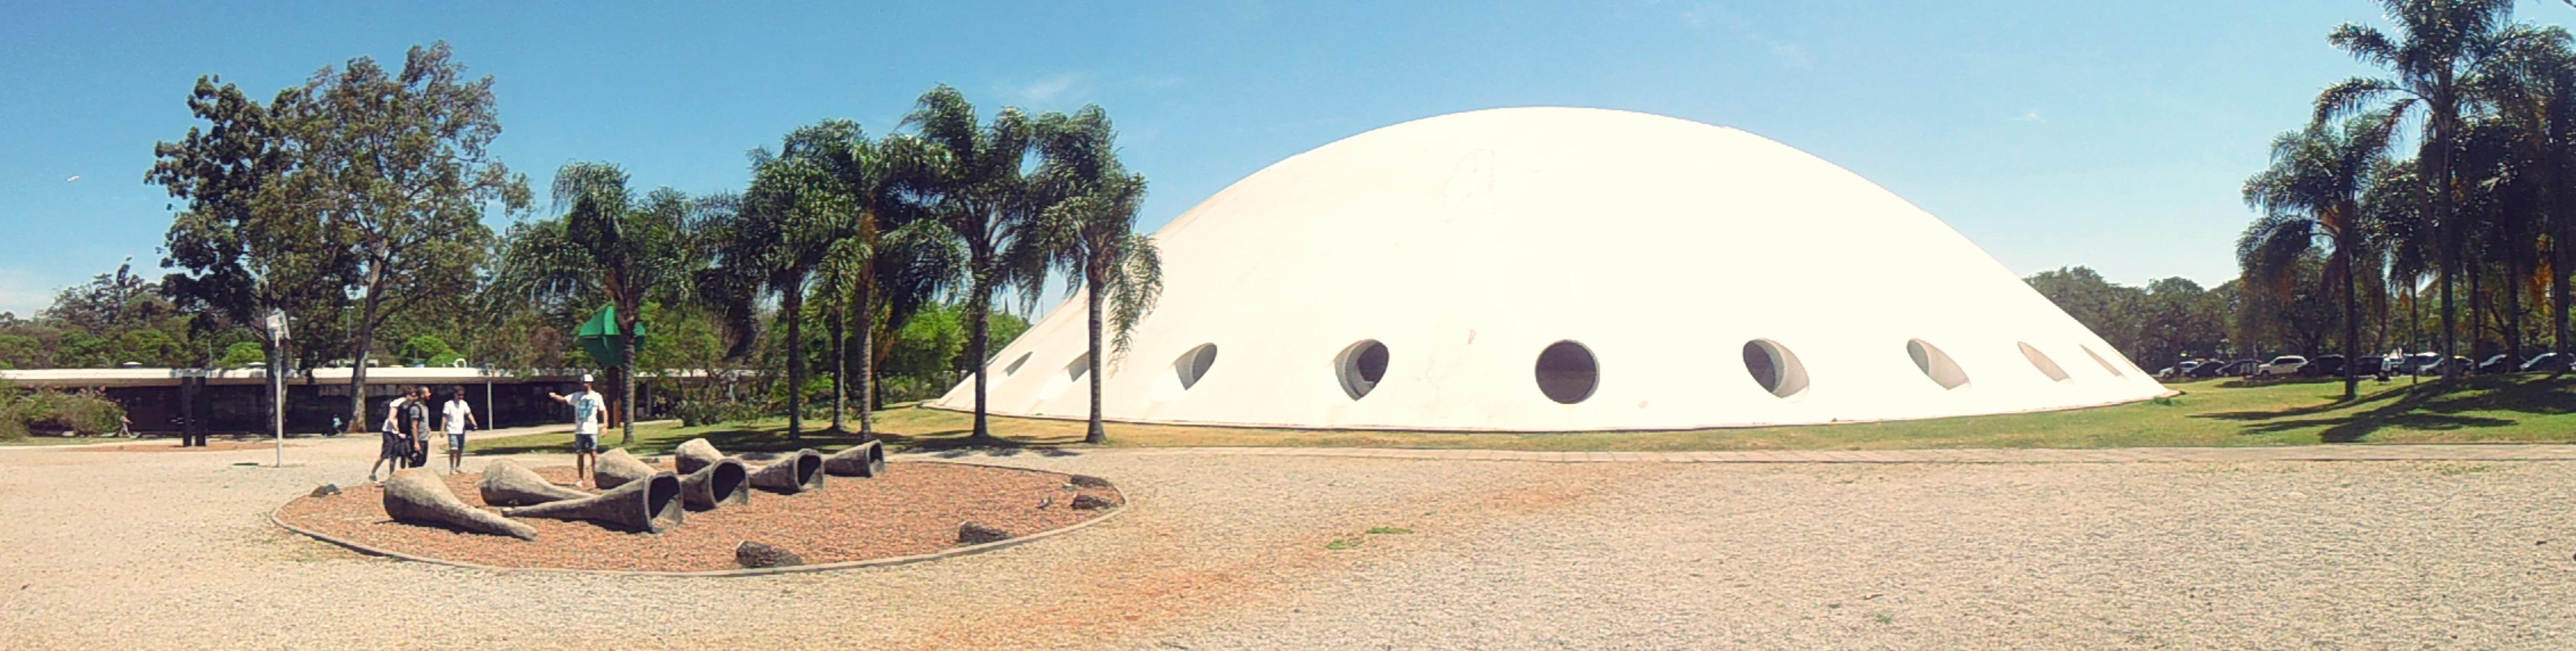 Oca no Ibirapuera